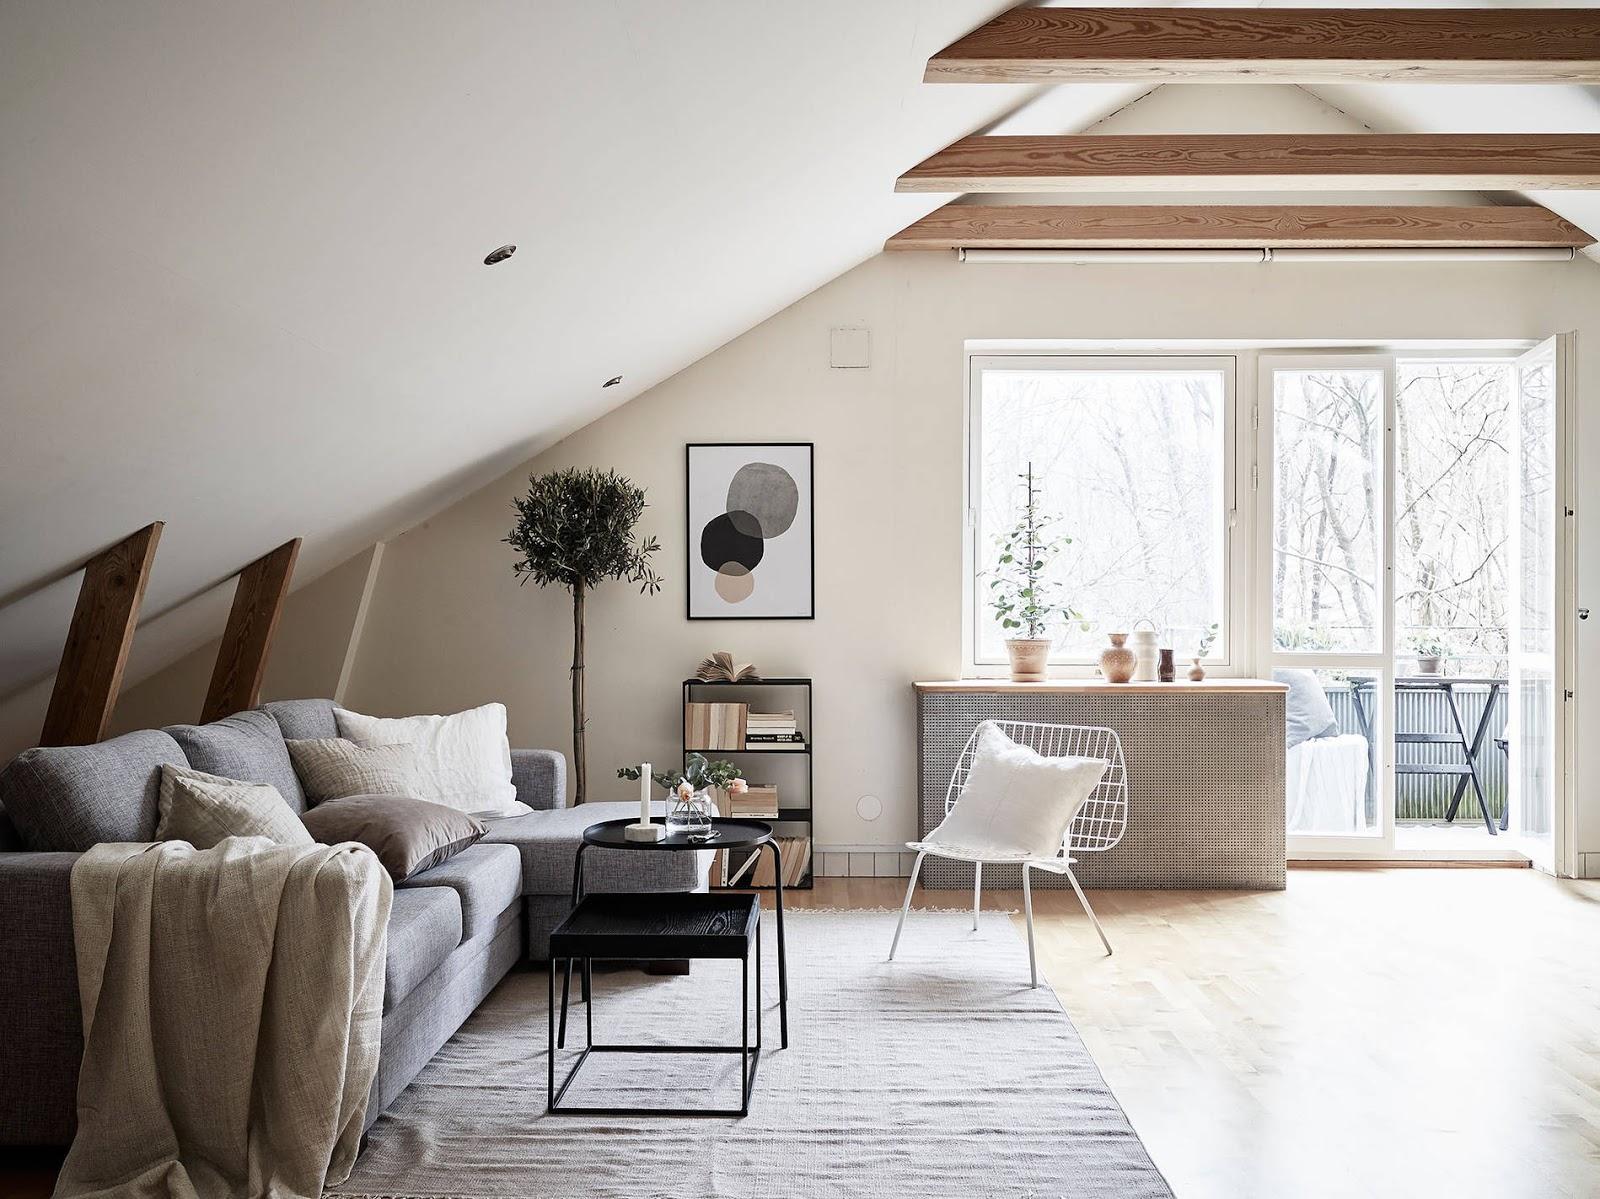 szara kanapa w salonie, skośne ściany w salonie